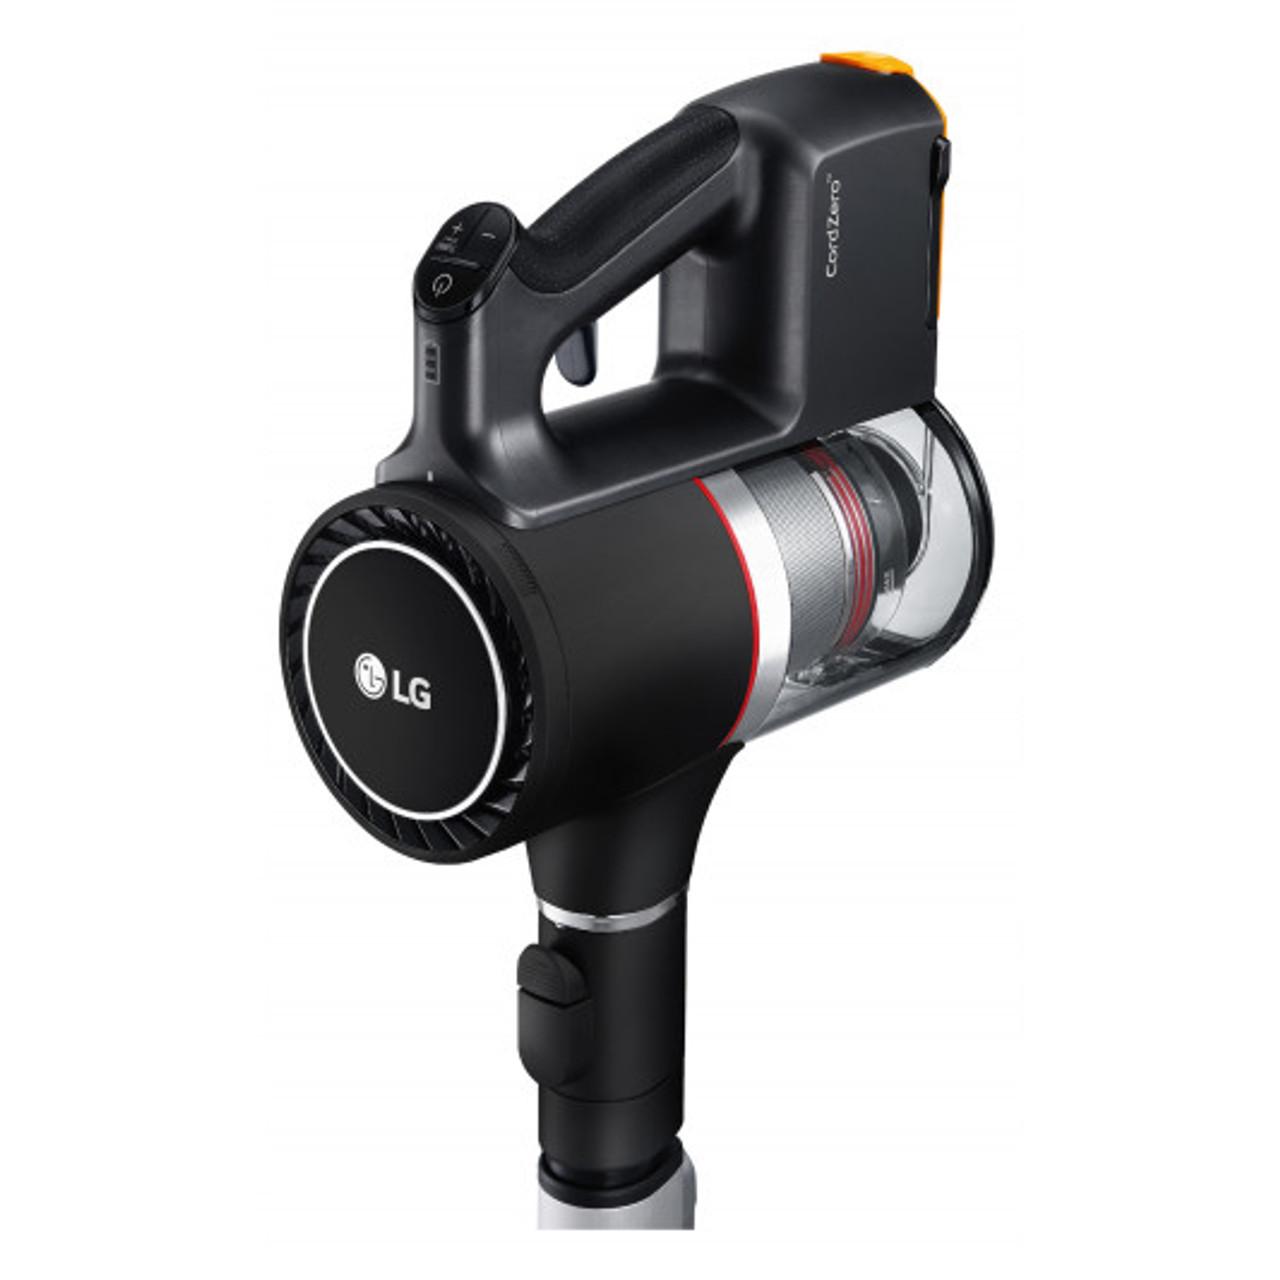 LG A9N-PRIME CordZero Prime Handstick Cordless Vacuum Cleaner - Black